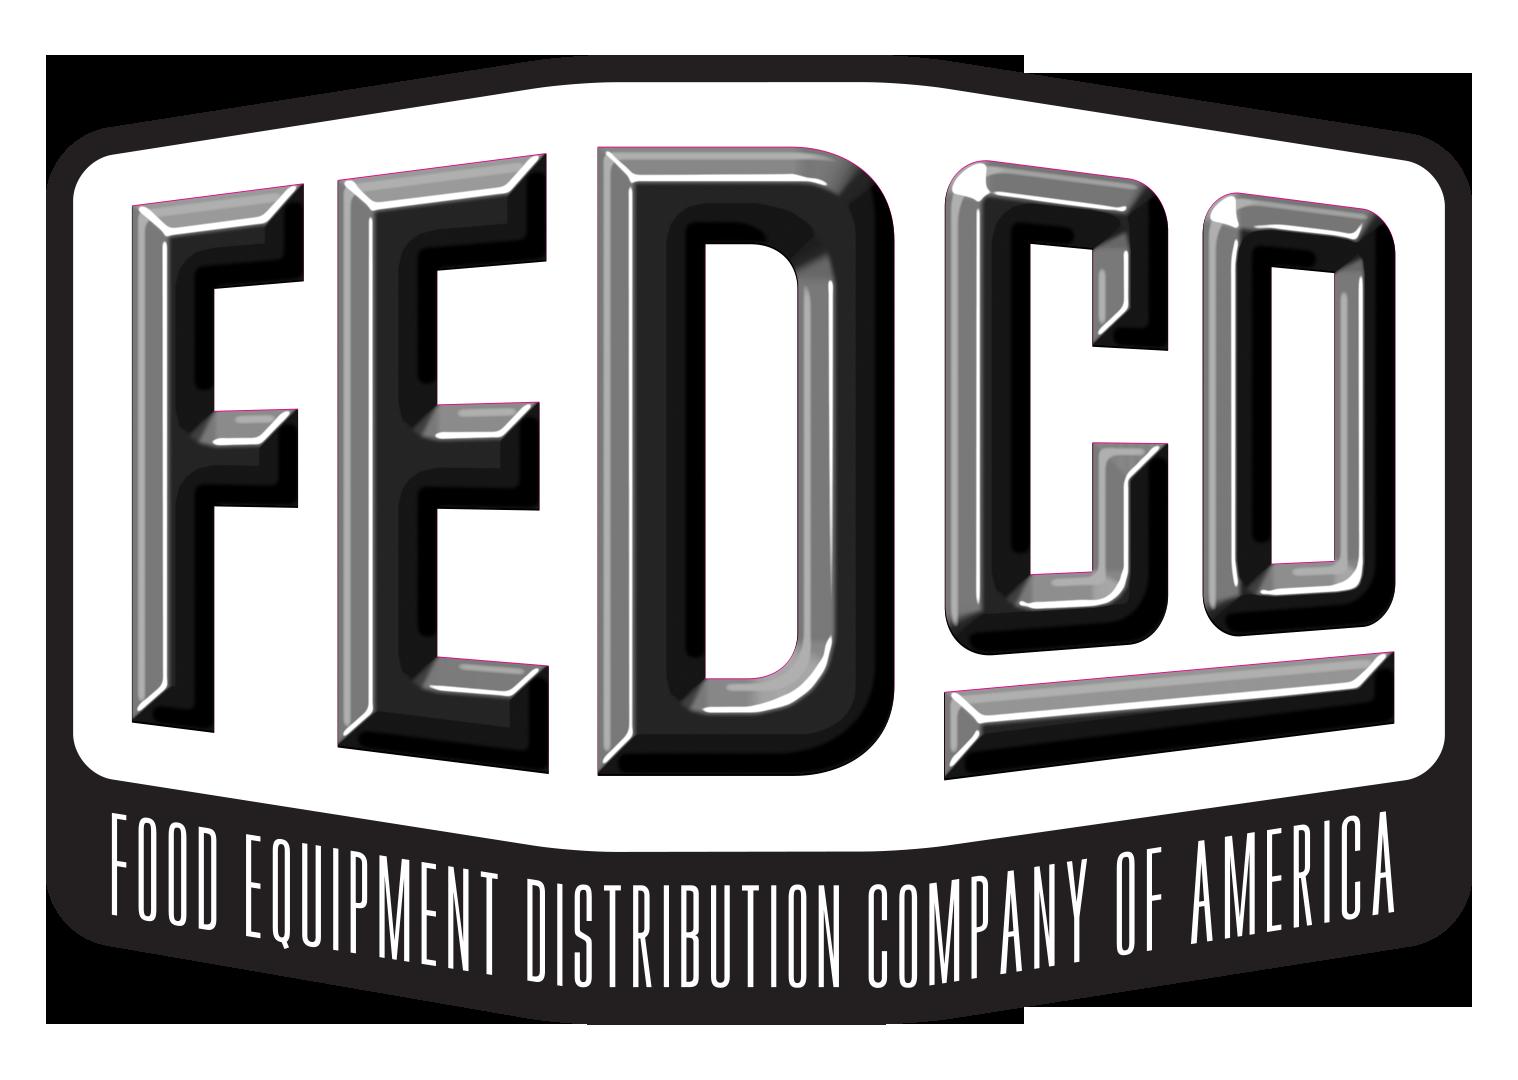 FedCo logo